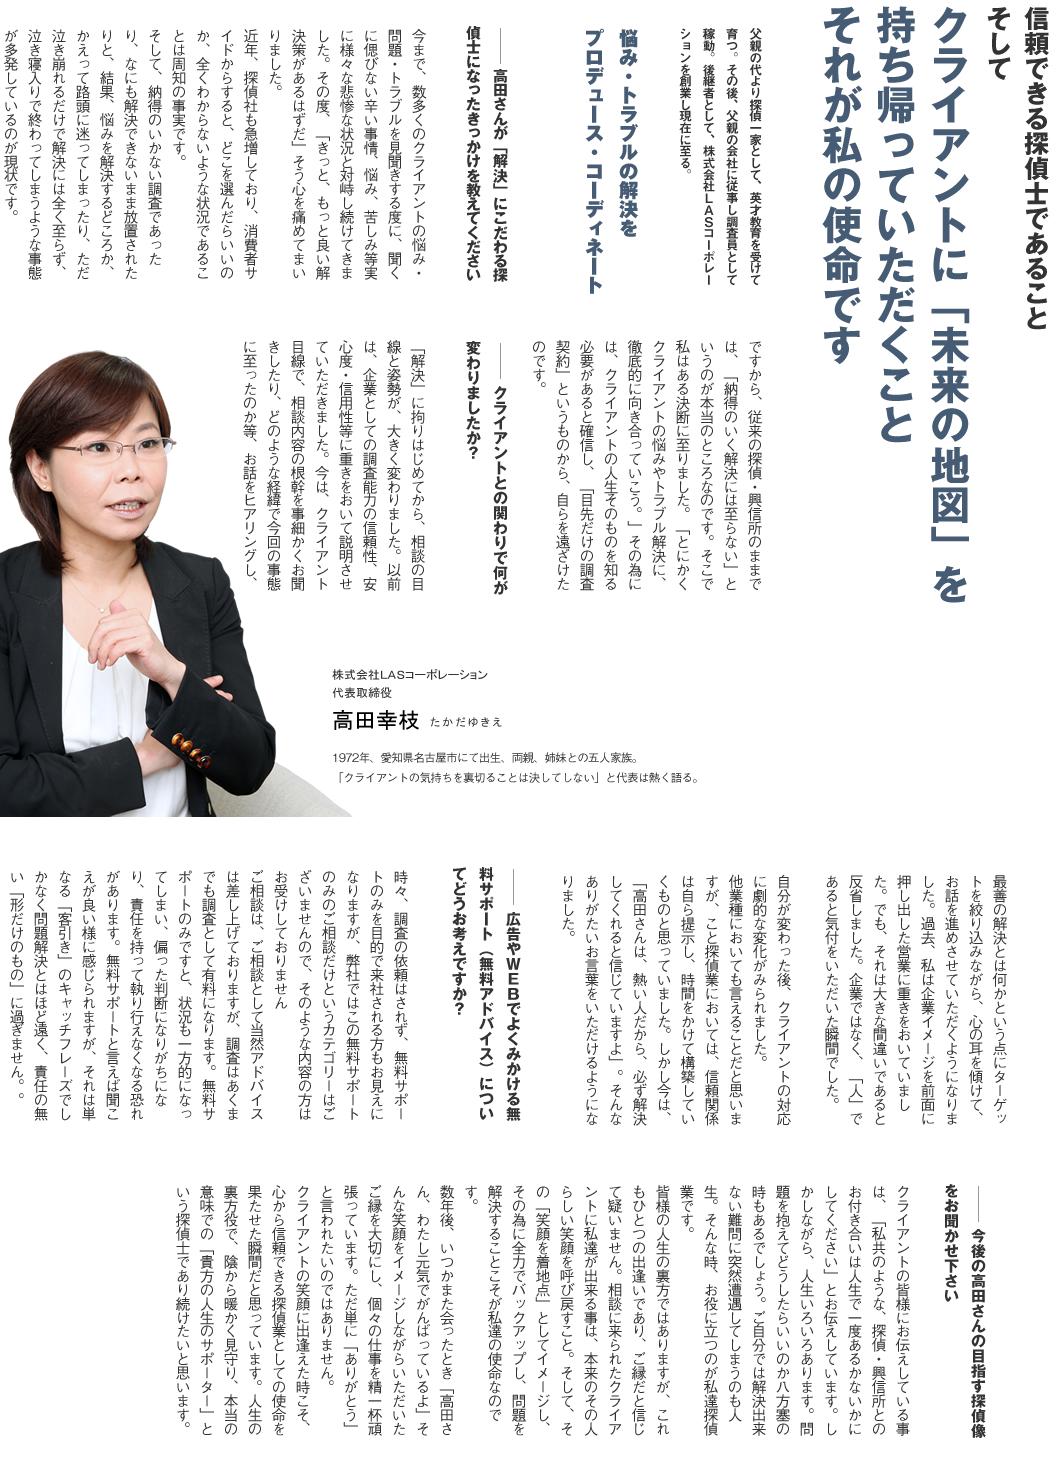 探偵ブログ高田探偵インタビュー